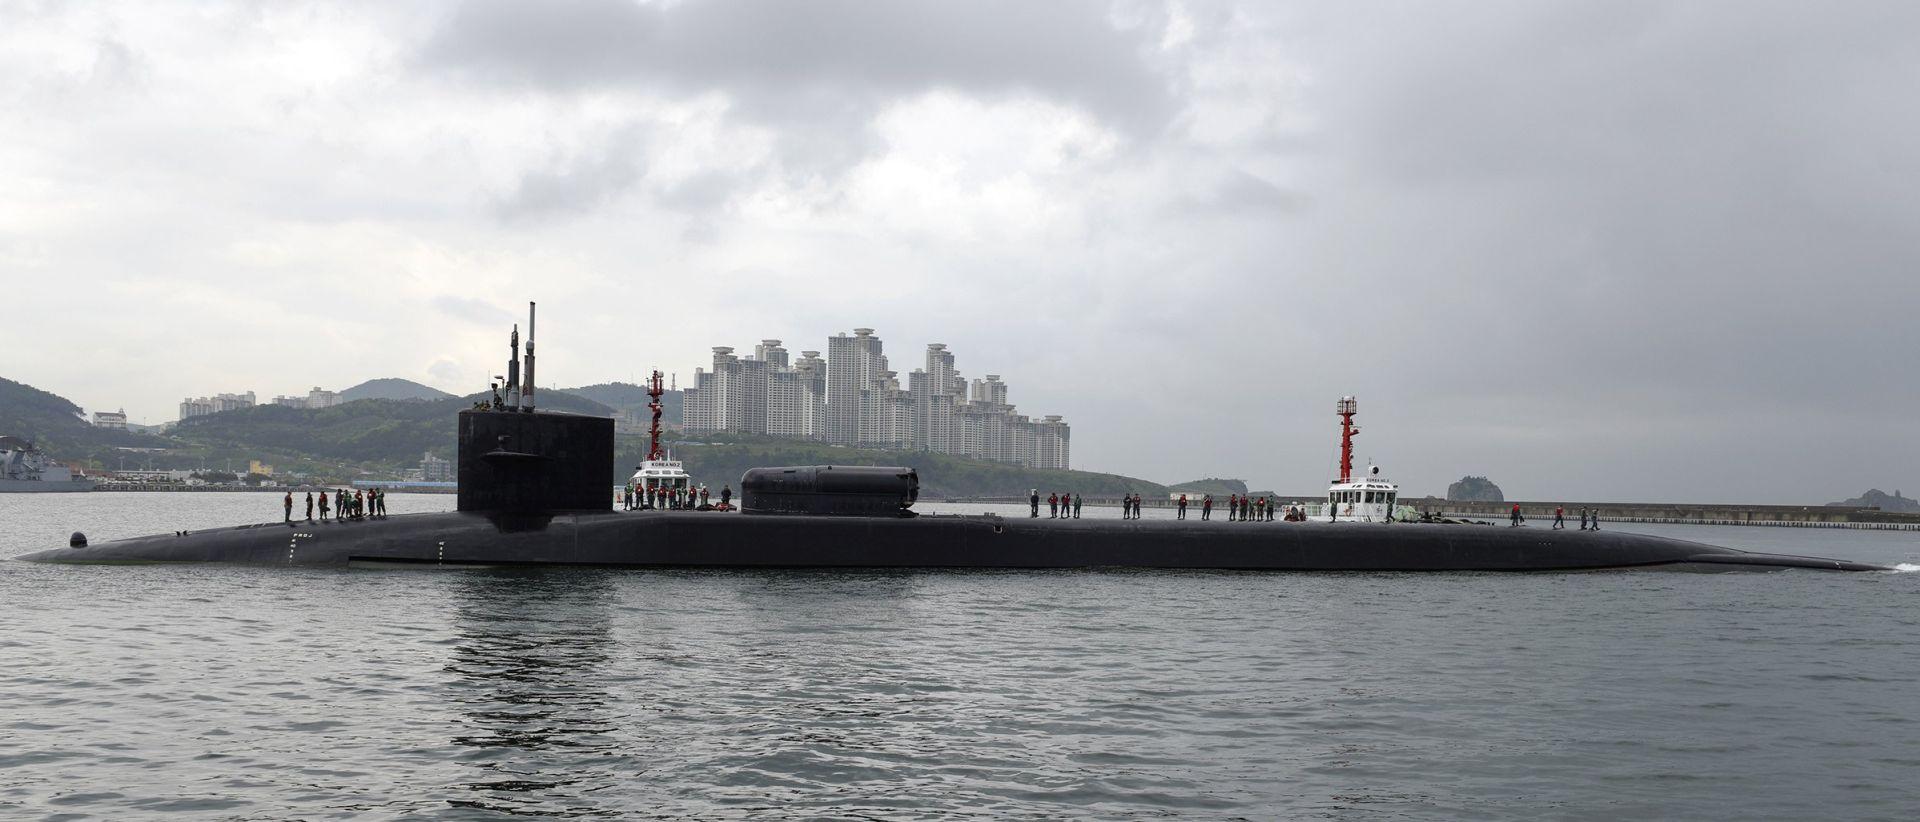 Velike vojne vježbe u Sjevernoj Koreji, američka podmornica u Južnoj Koreji